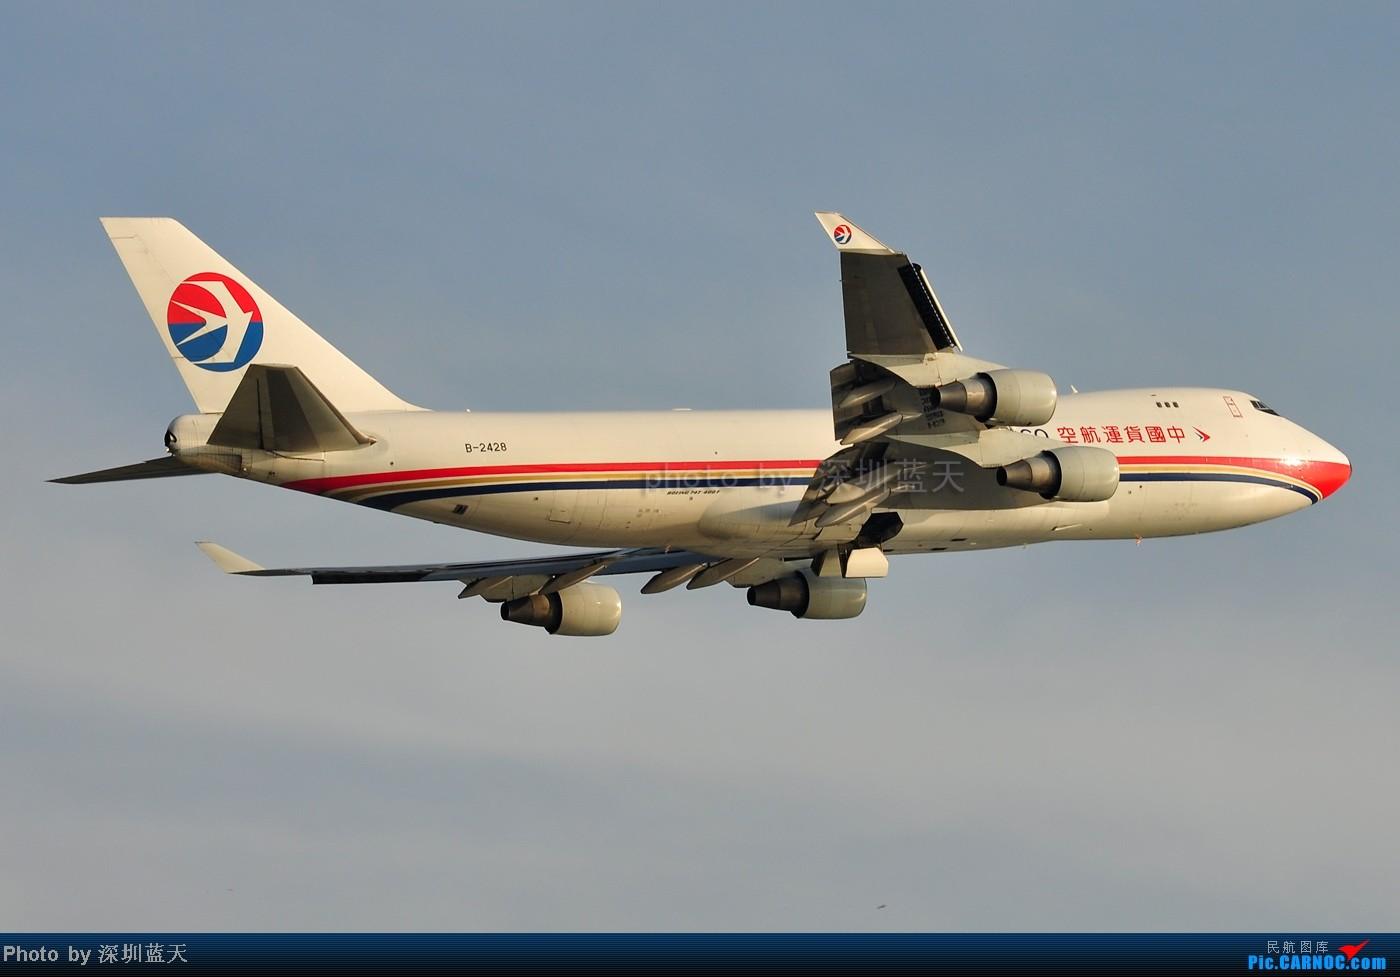 Re:[原创]【深圳飞友会】香港飞机维修区海堤起飞新拍—泰航A380斐济A330新装等 BOEING 747-400 B-2428 中国香港赤鱲角国际机场